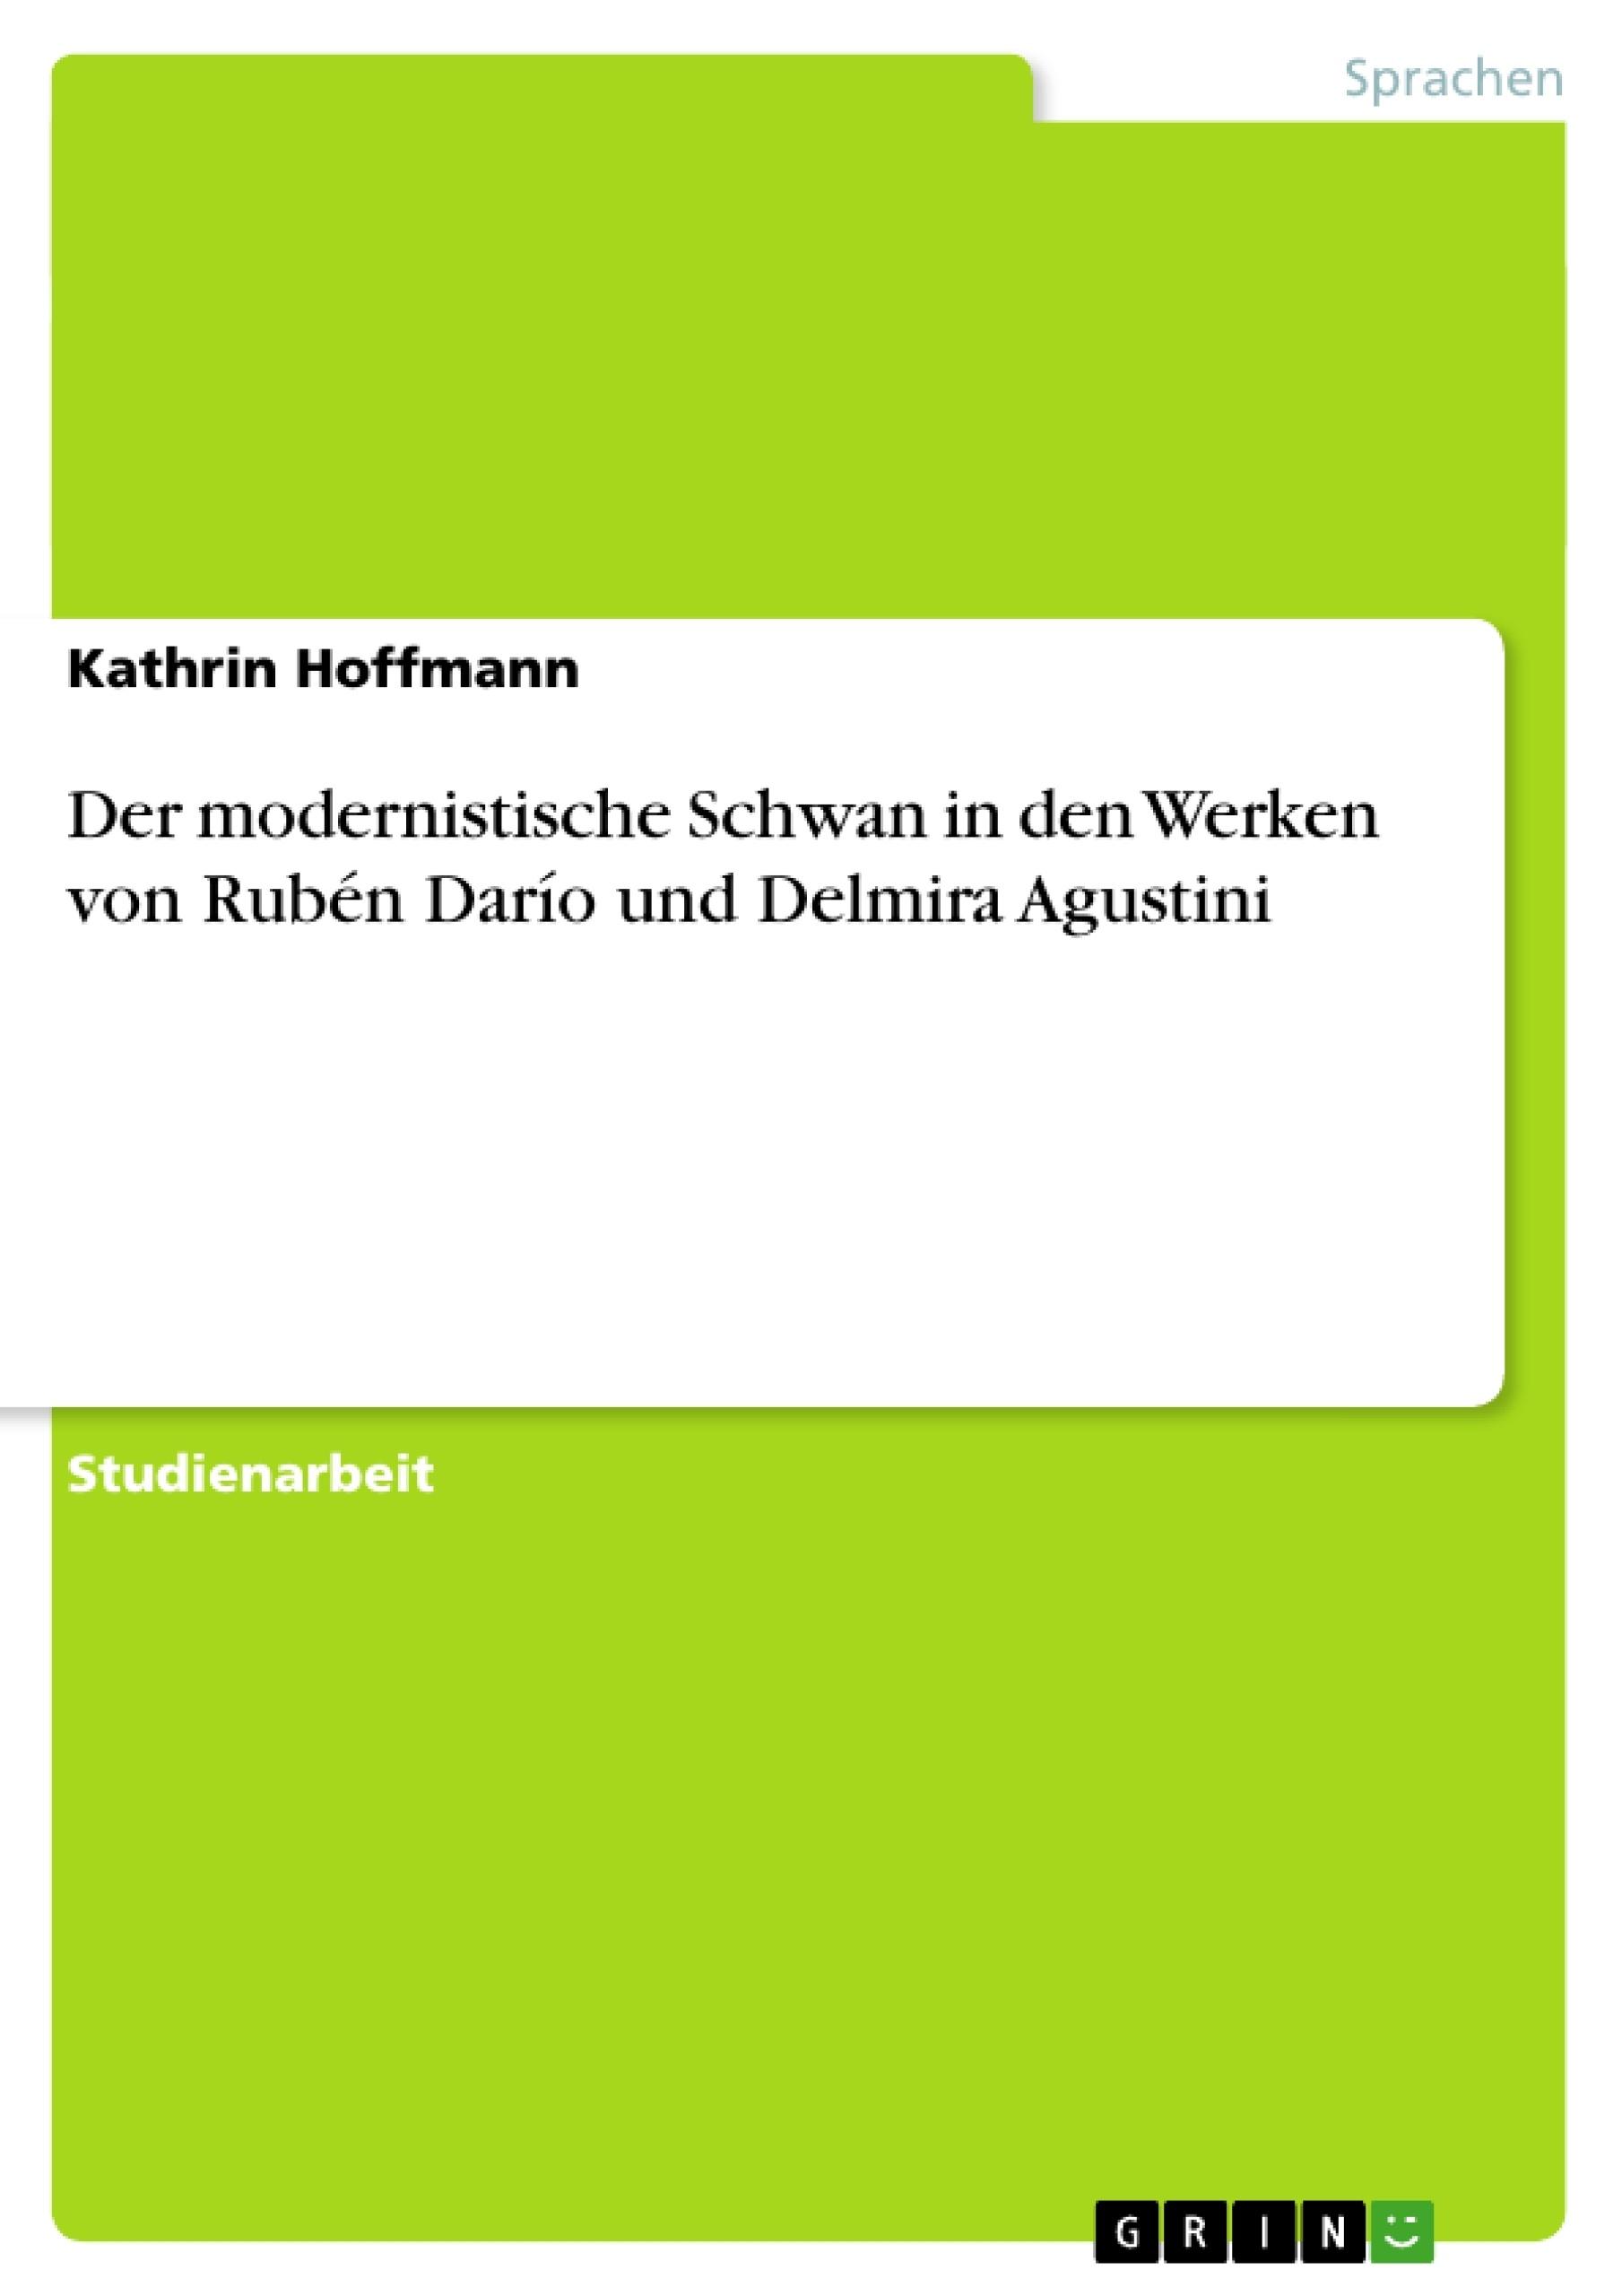 Titel: Der modernistische Schwan in den Werken von Rubén Darío und Delmira Agustini